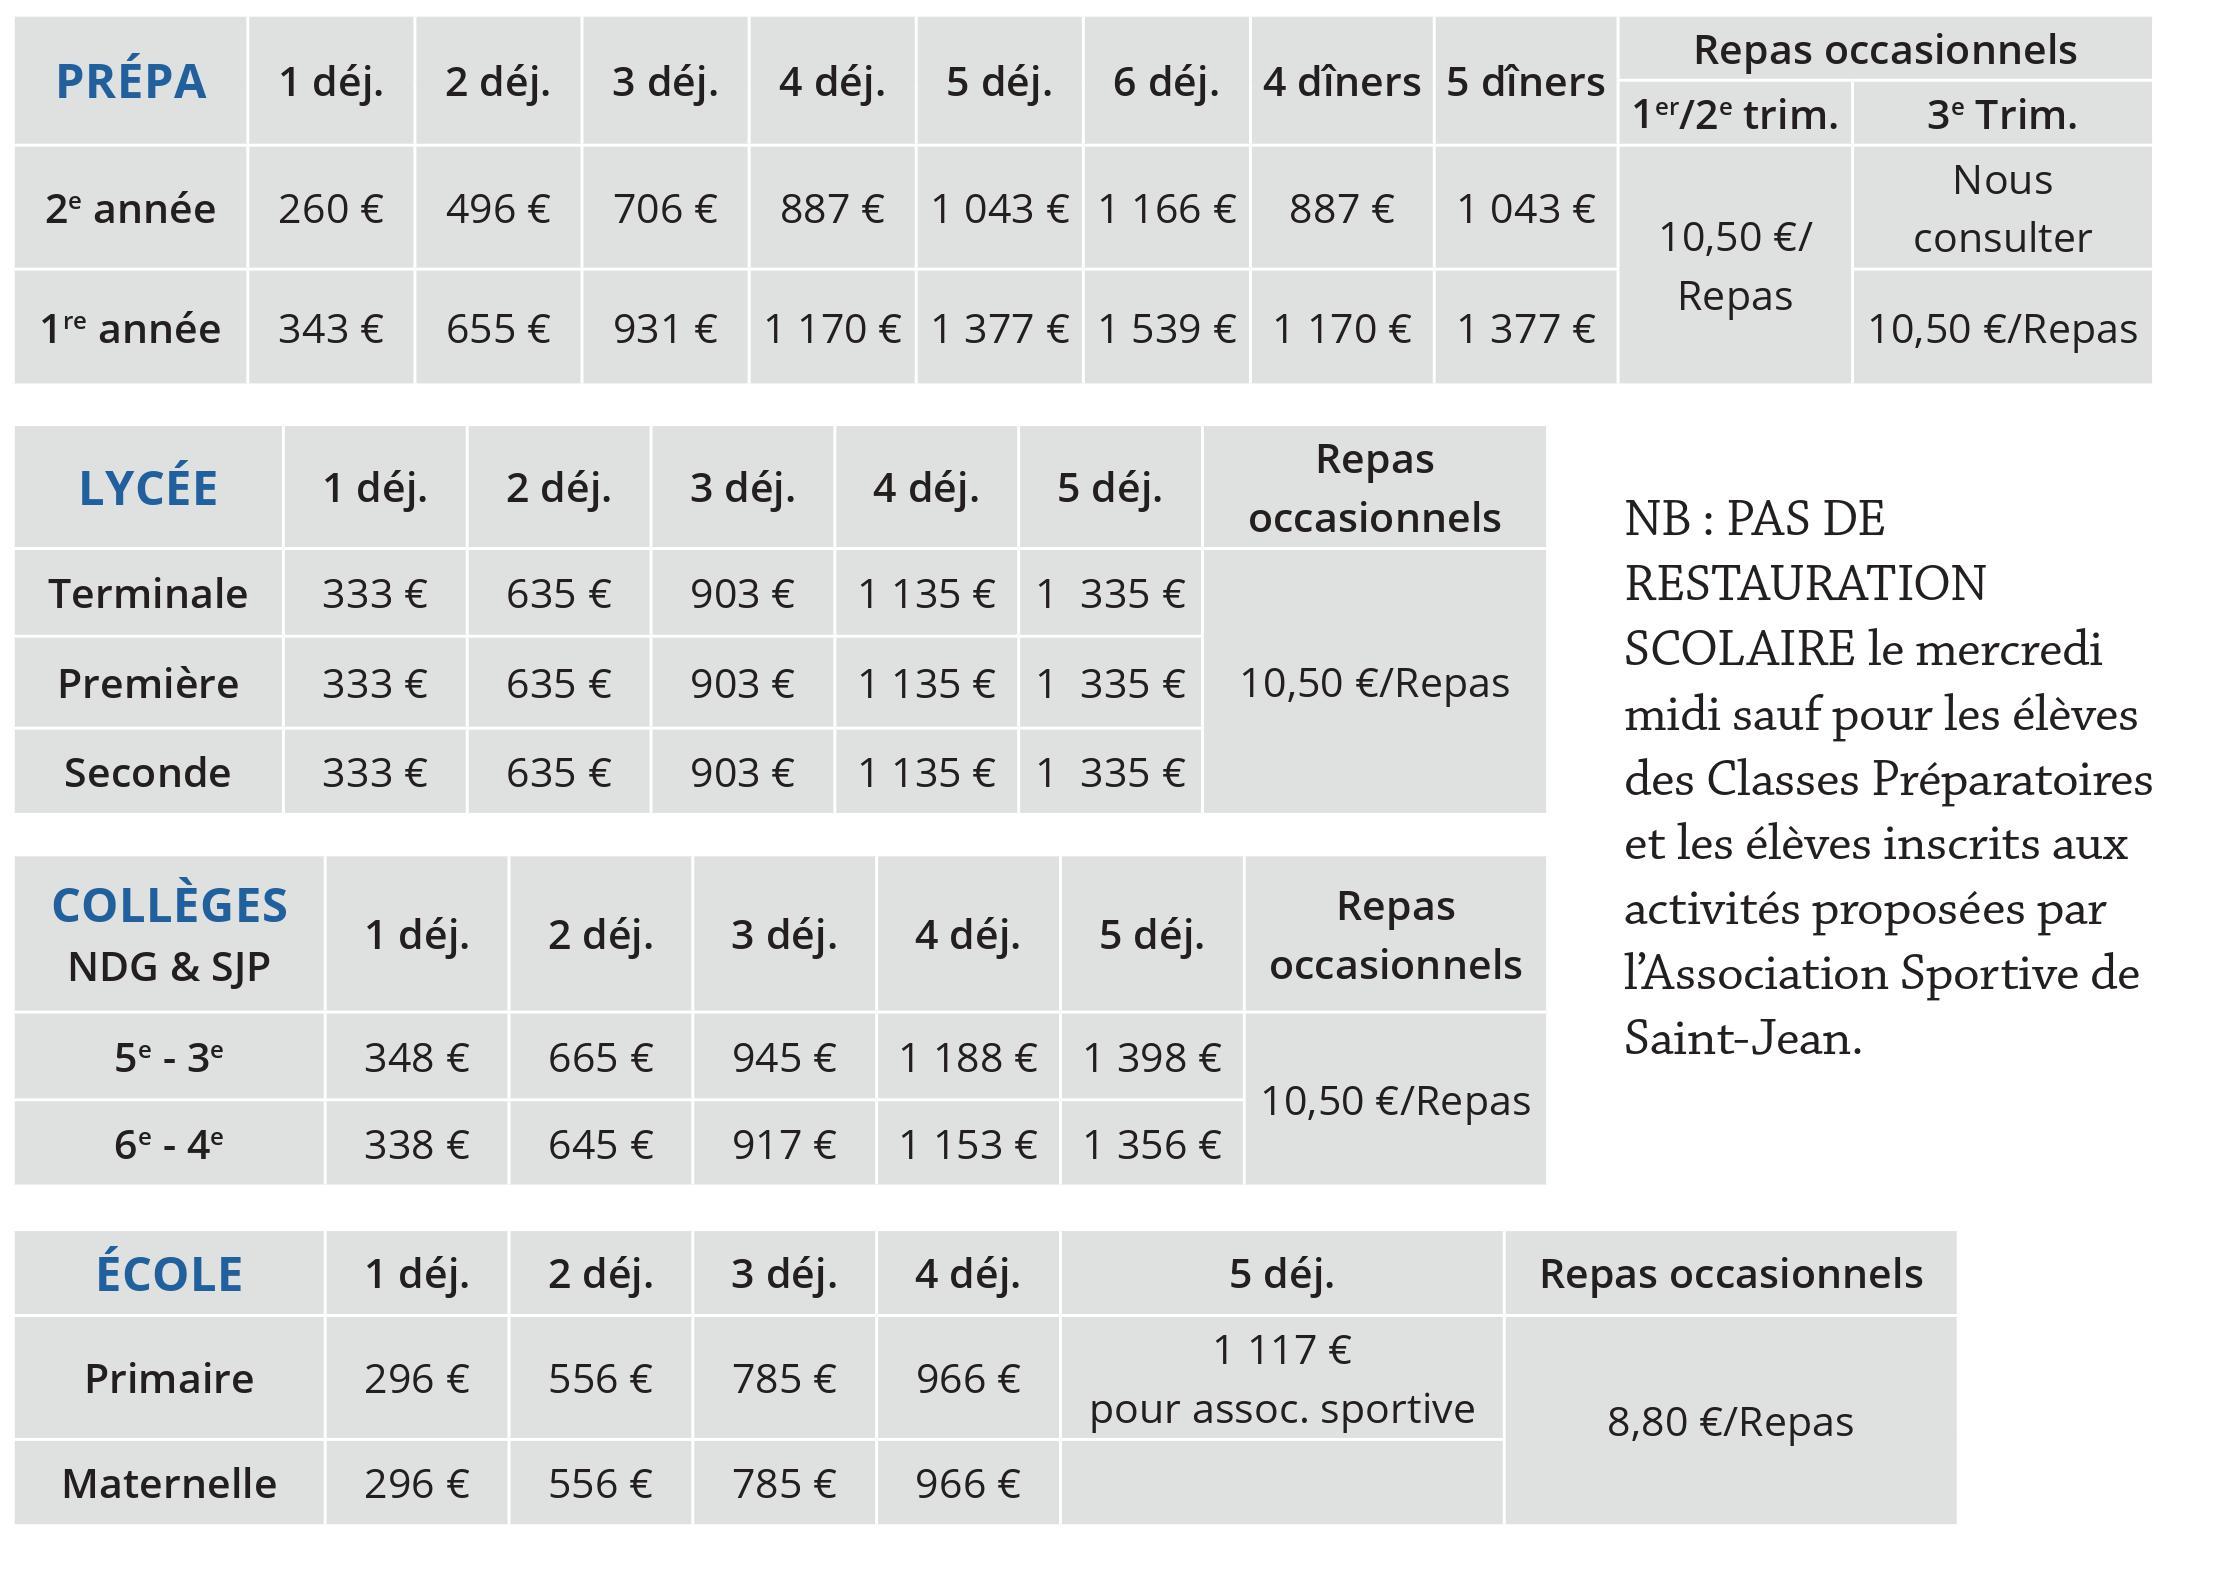 tarifs restauration Saint-Jean de Passy